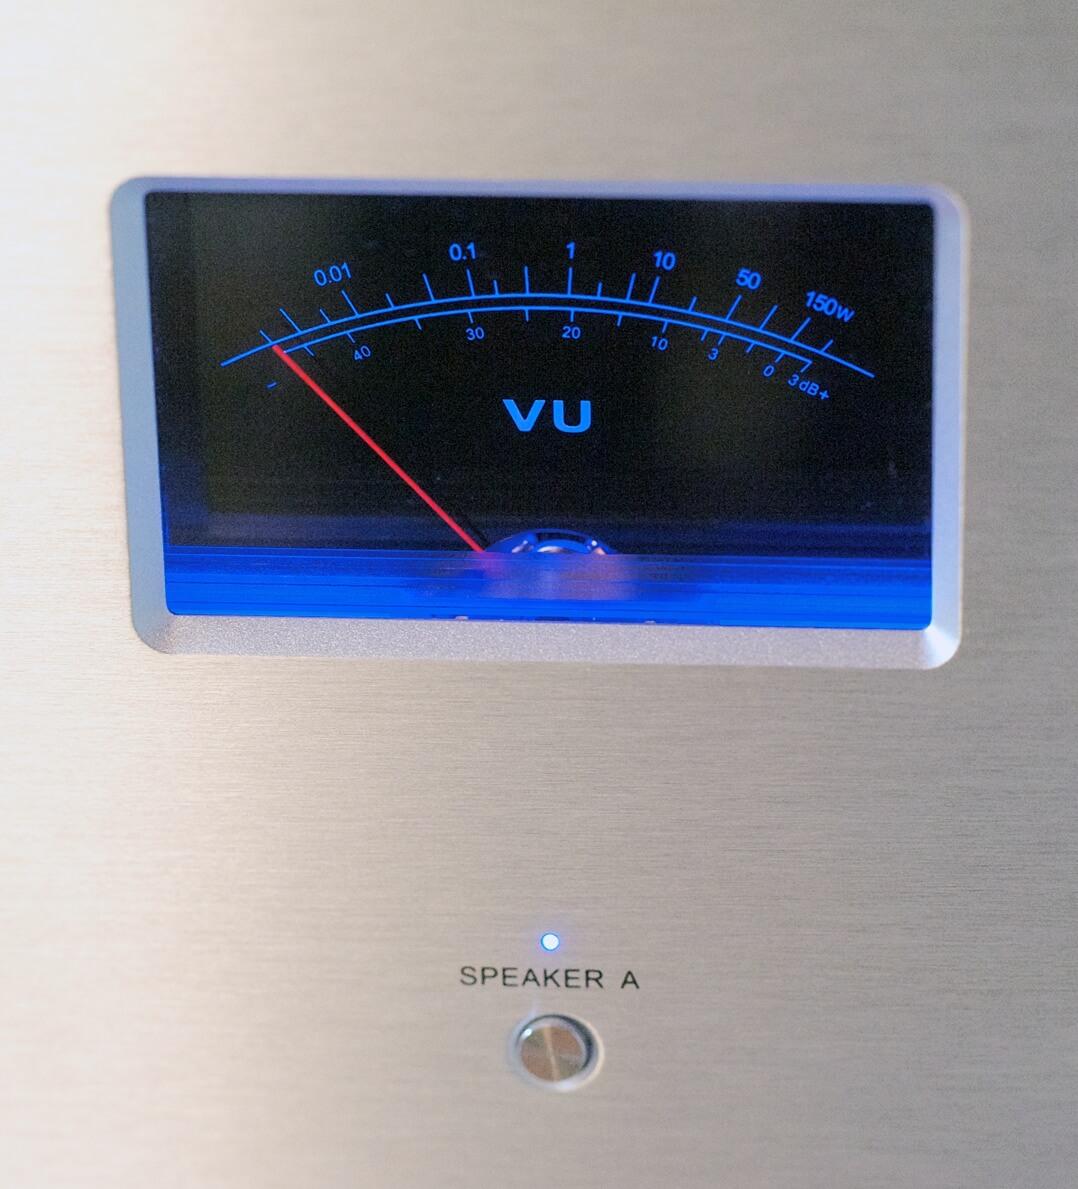 Die VU-Meter der Vincent SP-332 lassen sich in vier Farben illuminieren